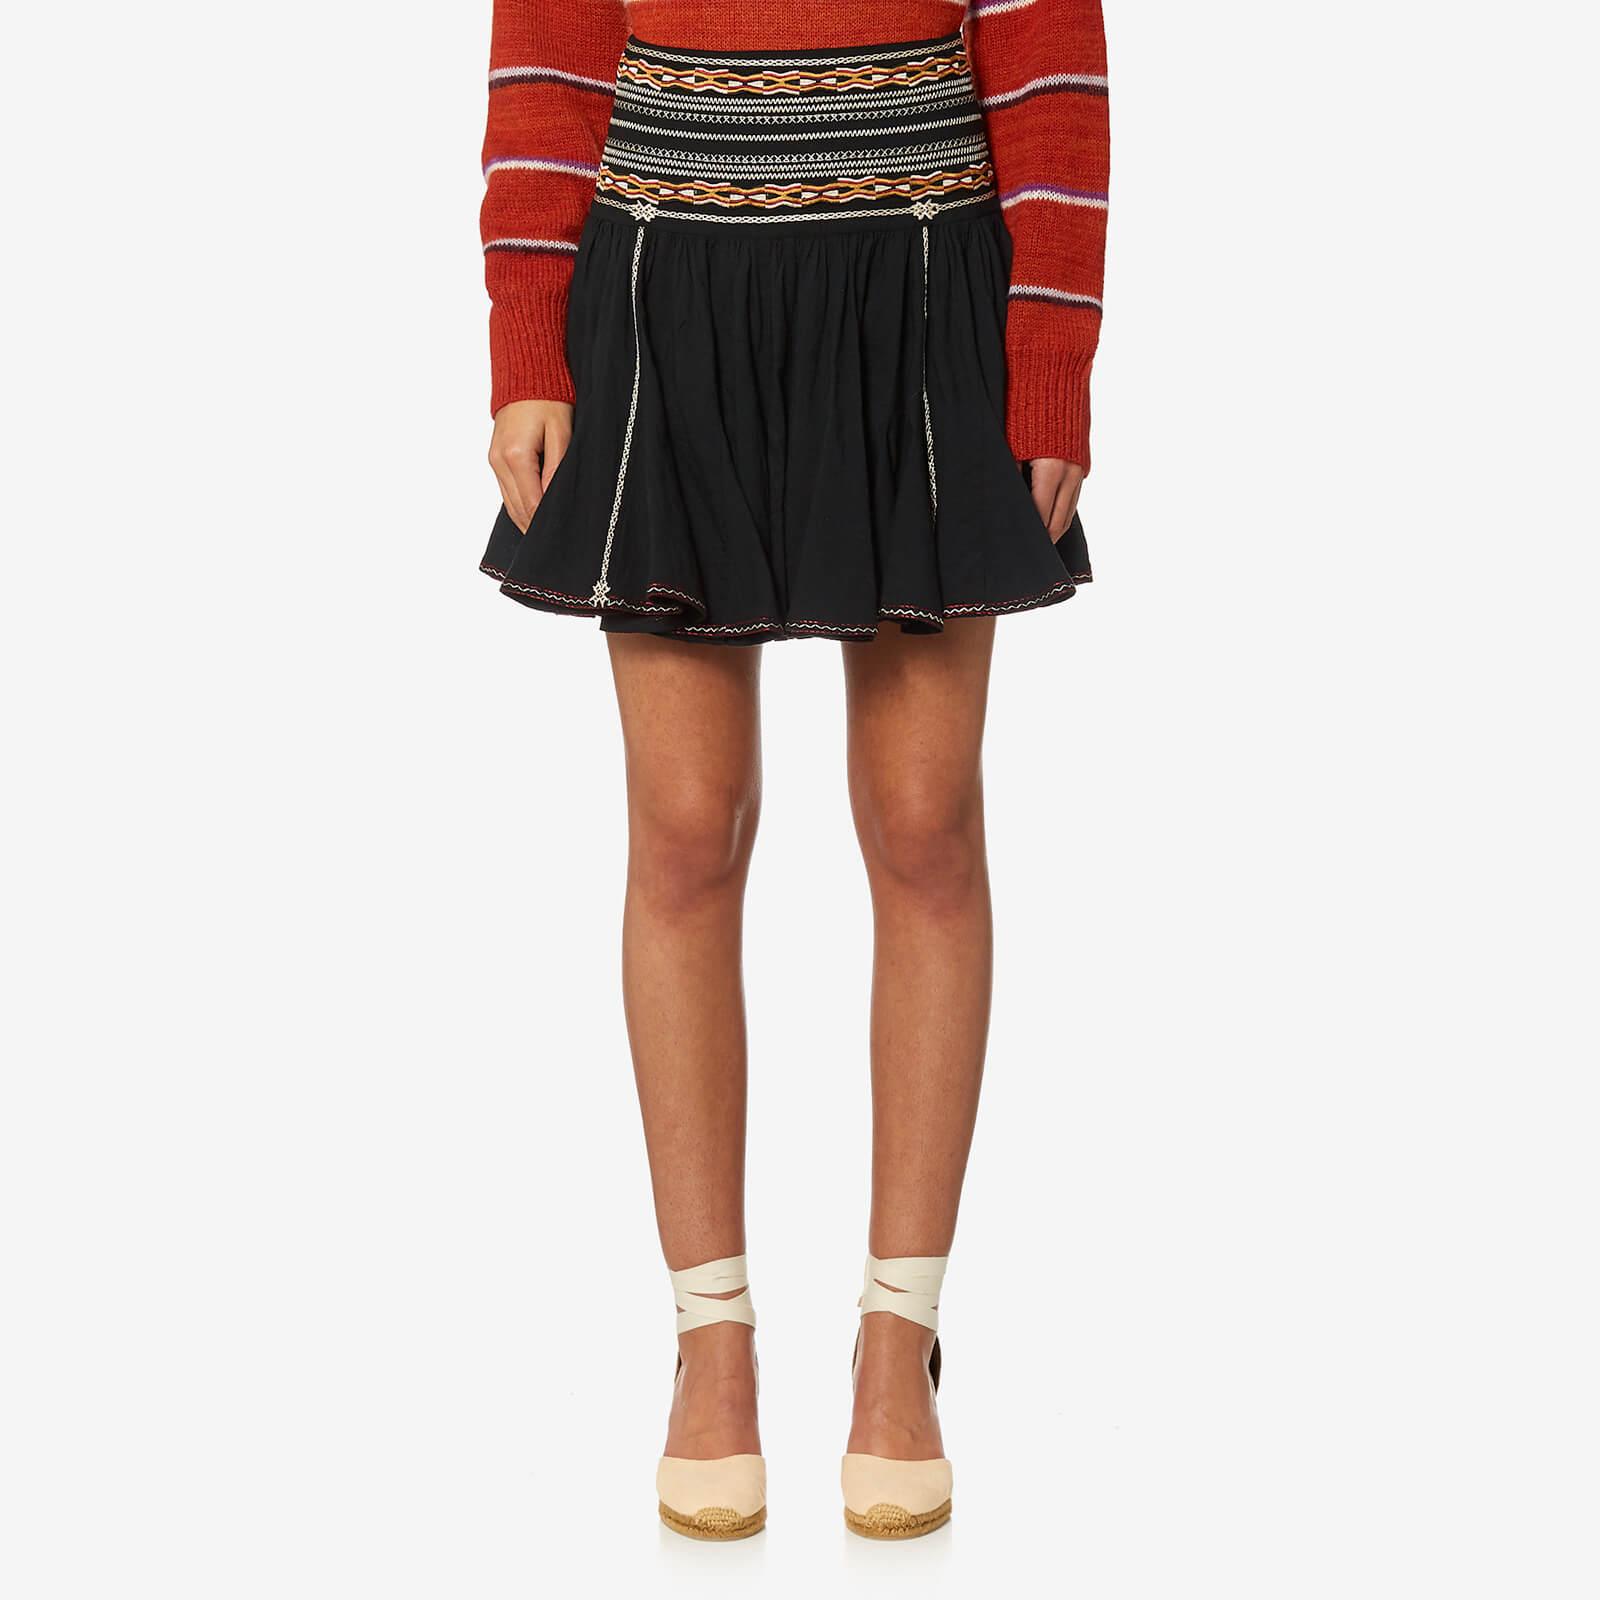 6fac22e46 Isabel Marant Etoile Women's Breeda Skirt - Black - Free UK Delivery over  £50